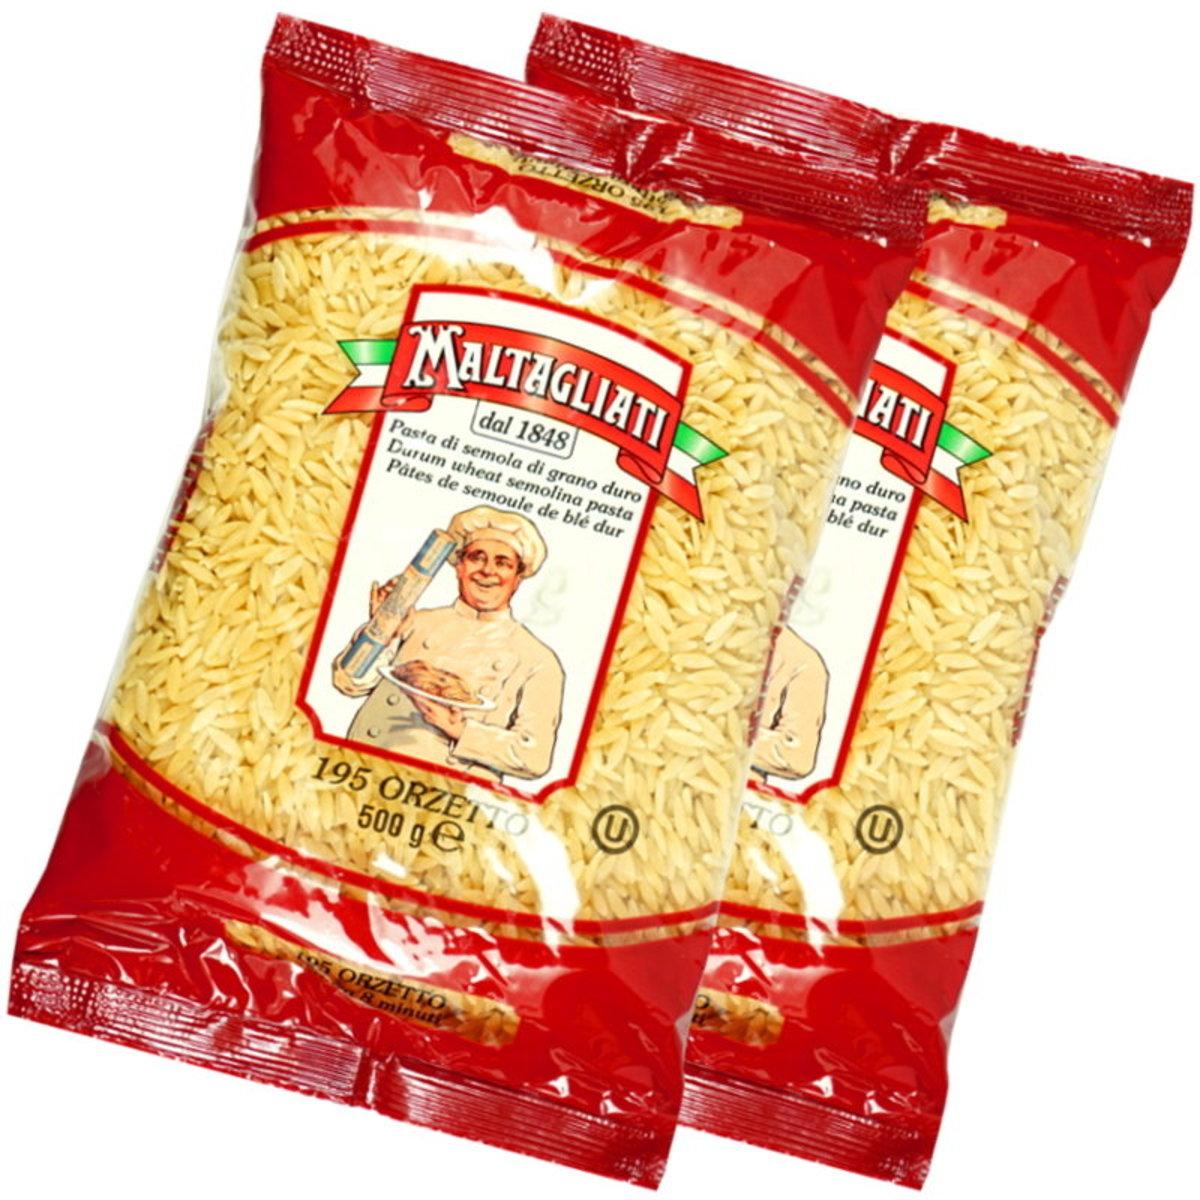 意大利米粒粉500克 x 2